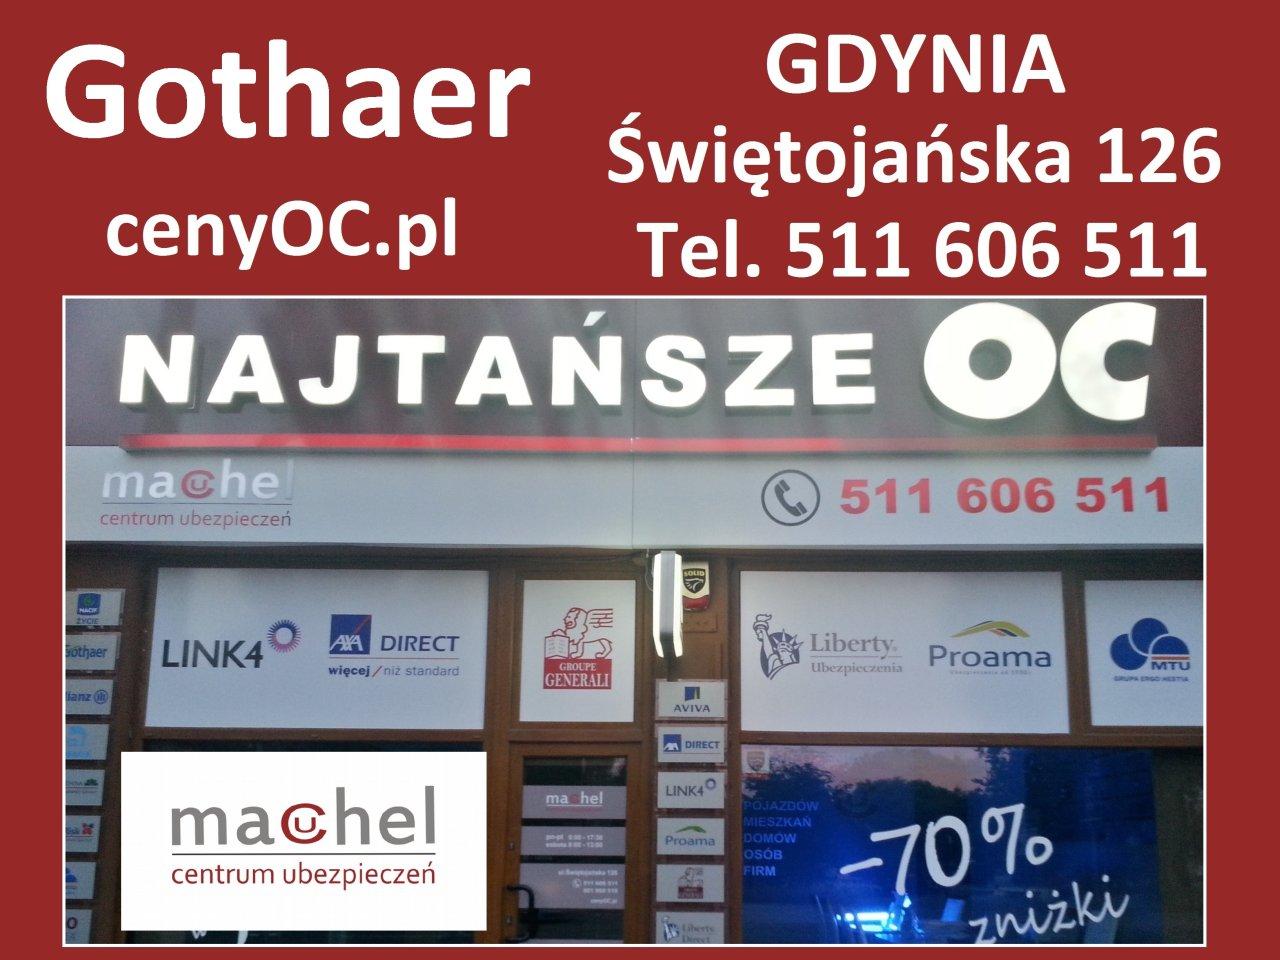 Gothaer Gdynia